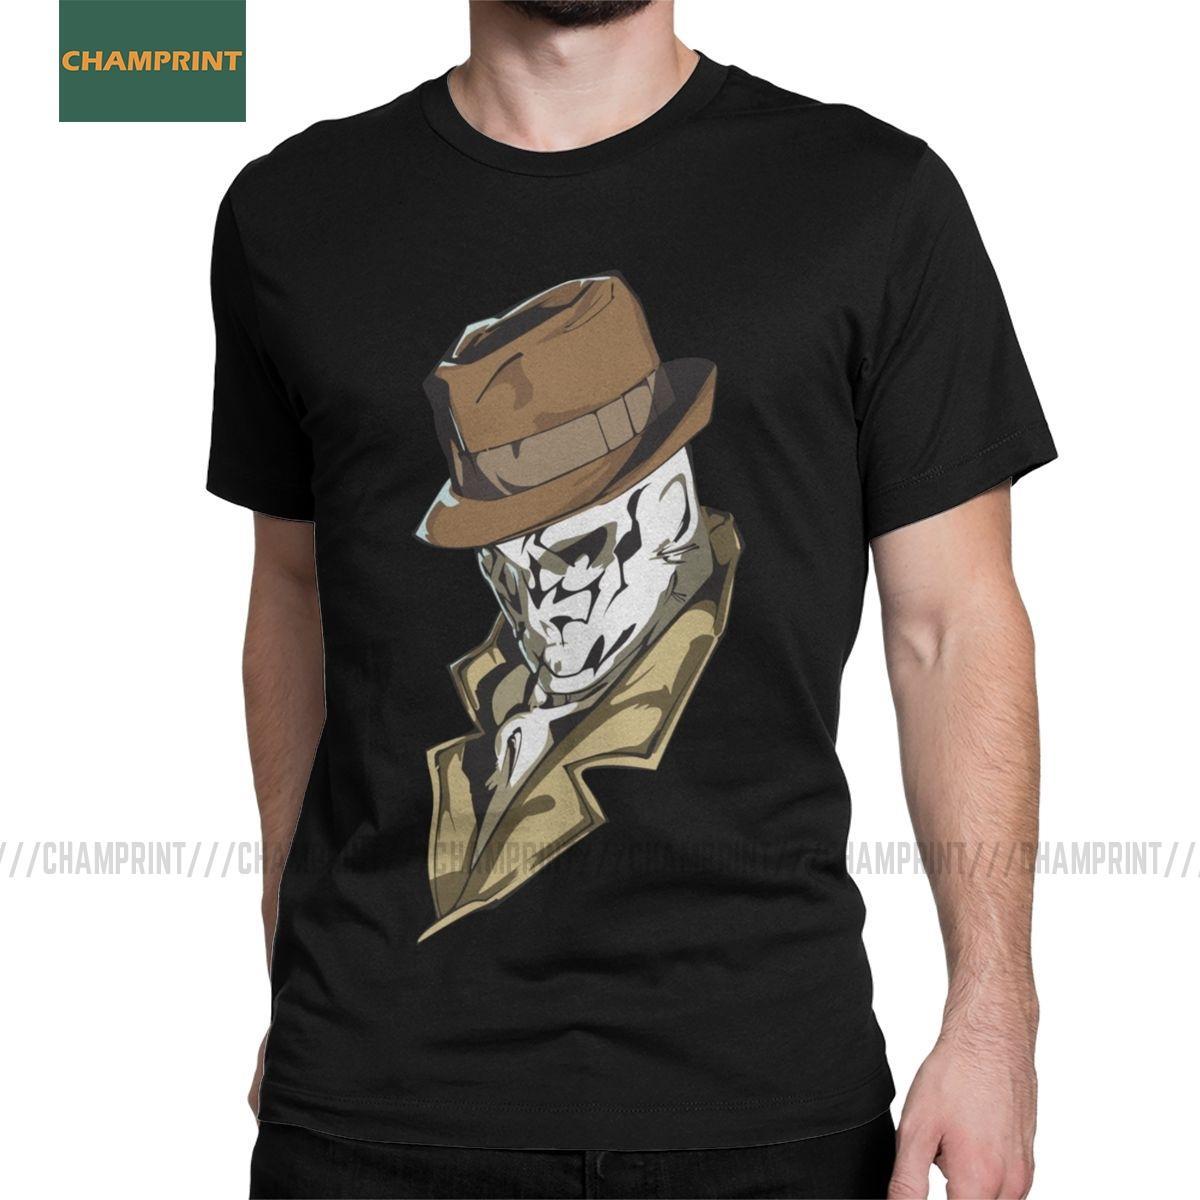 Rorschach Büste Watchmen T-Shirts Männer Smiley Dr Manhattan Novel Alan Moore Cotton Tees O-Ausschnitt Kurzarm-T-Shirts in Übergrößen